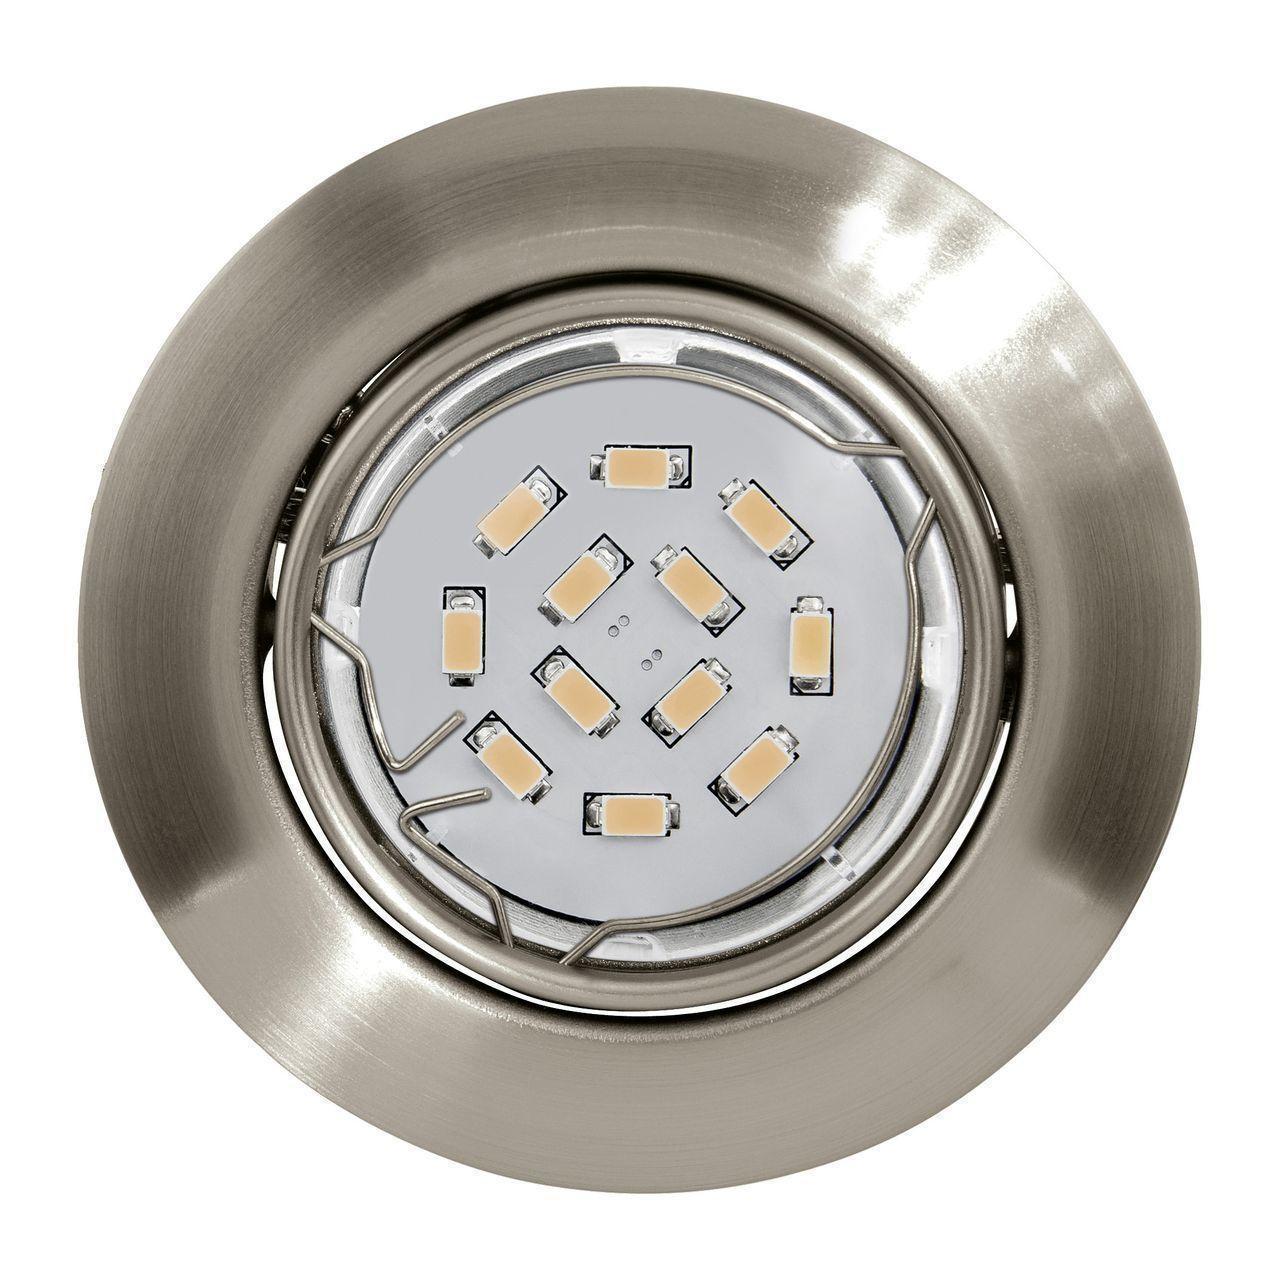 Встраиваемый светильник Eglo Peneto 94242 eglo встраиваемый светильник eglo peneto 94239